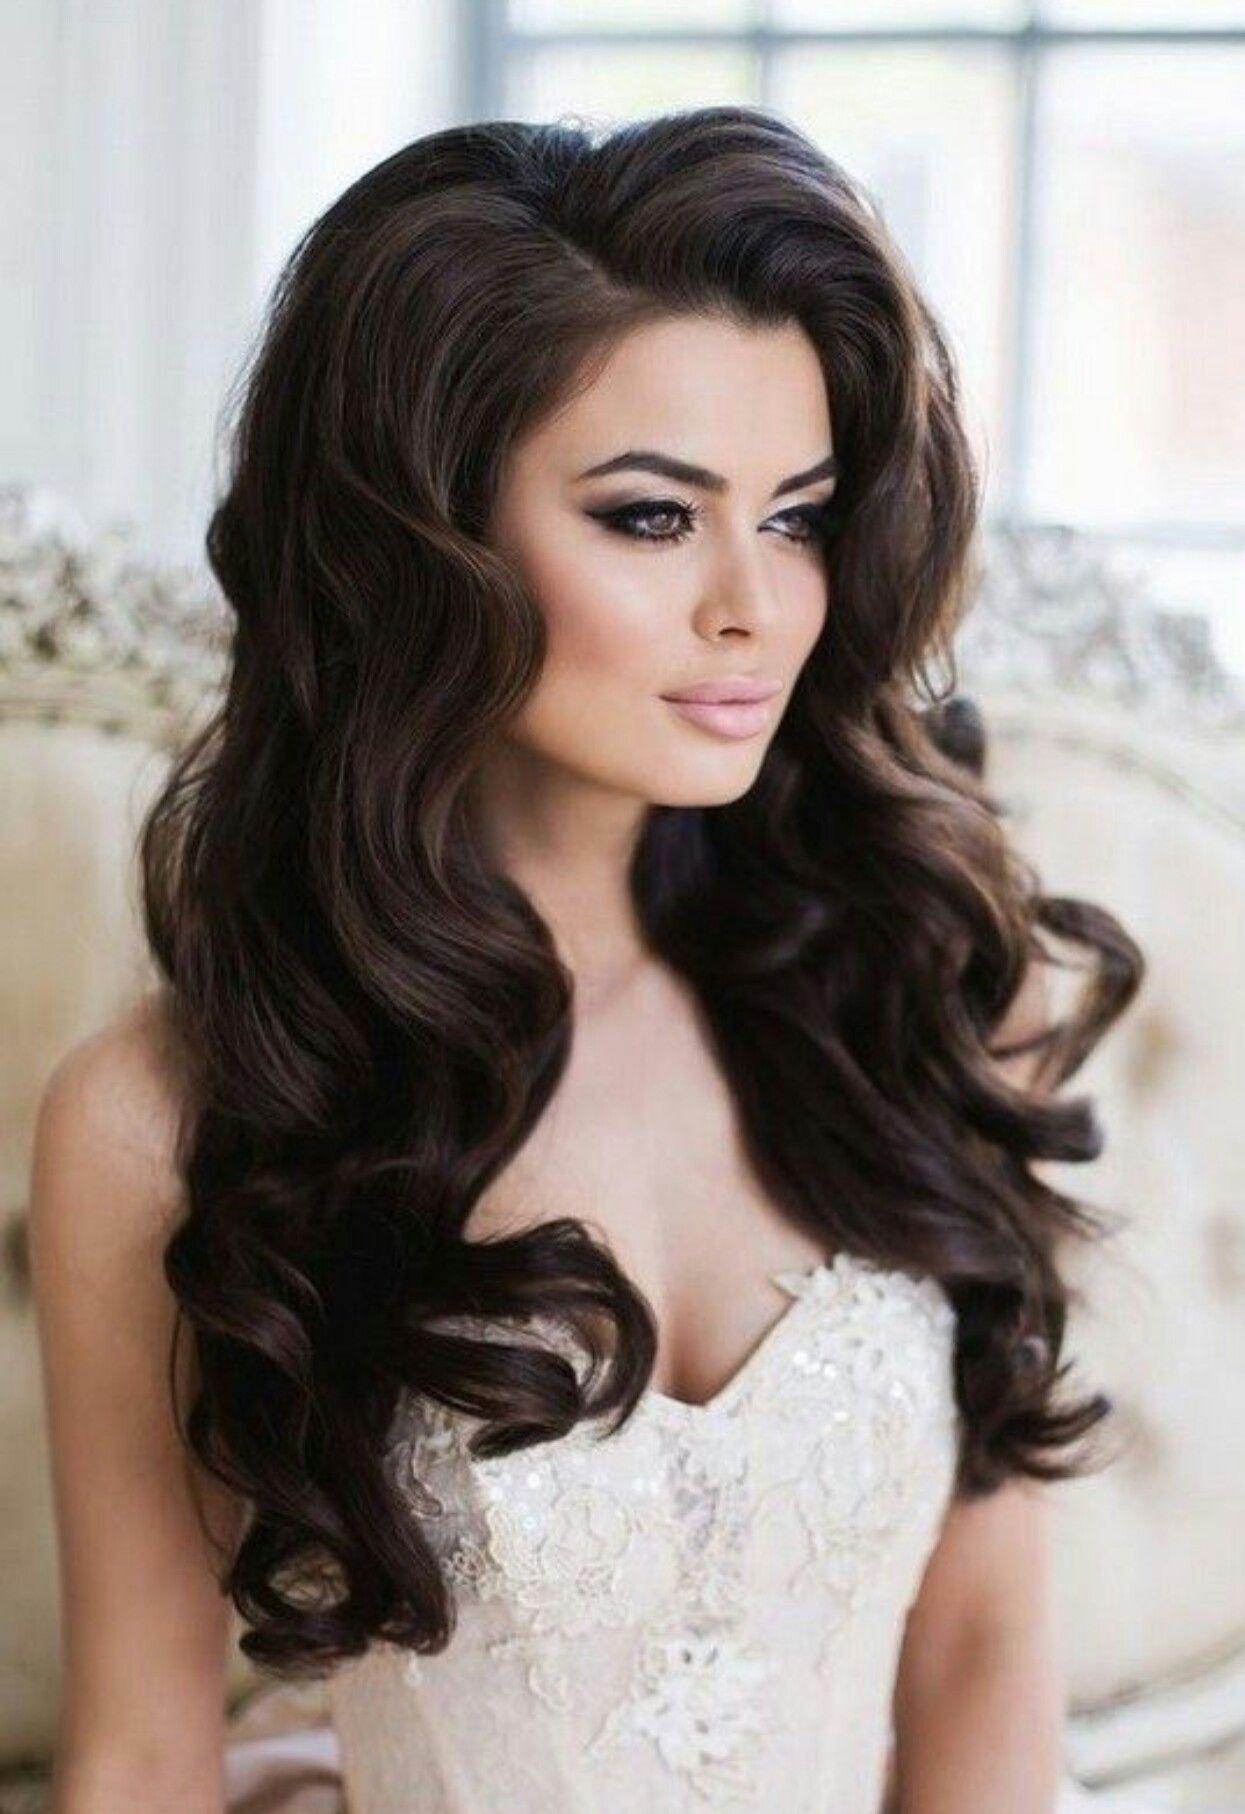 pinruta rutele on plaukai | wedding hair down, hair